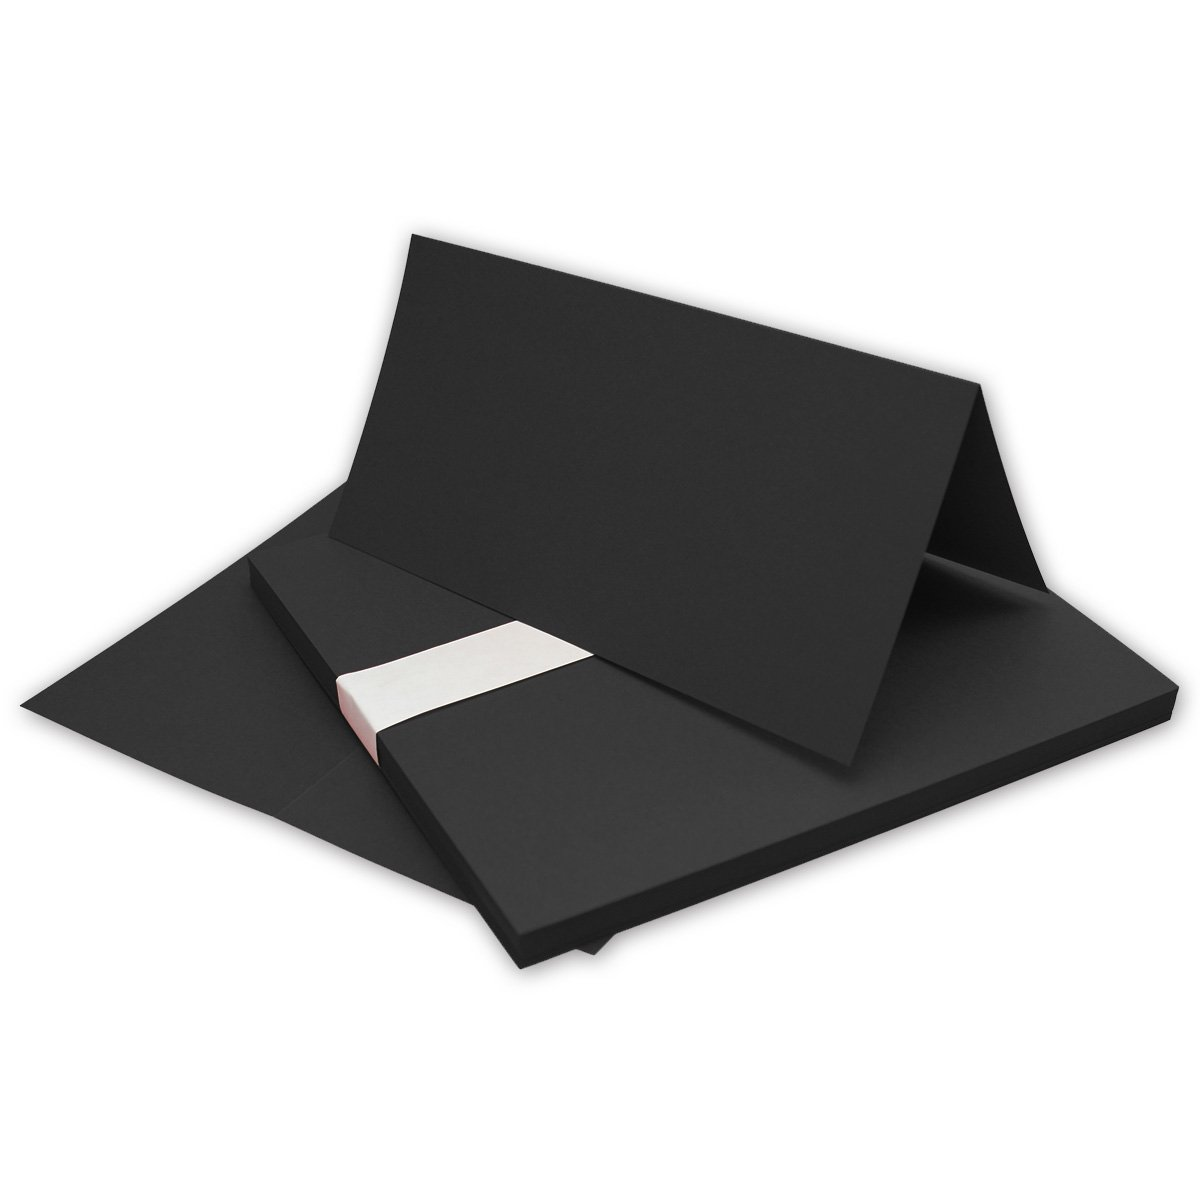 700 700 700 Faltkarten Din Lang - Hellgrau - Premium Qualität - 10,5 x 21 cm - Sehr formstabil - für Drucker Geeignet  - Qualitätsmarke  NEUSER FarbenFroh B07FKP9HP8   Mittel Preis  e33179